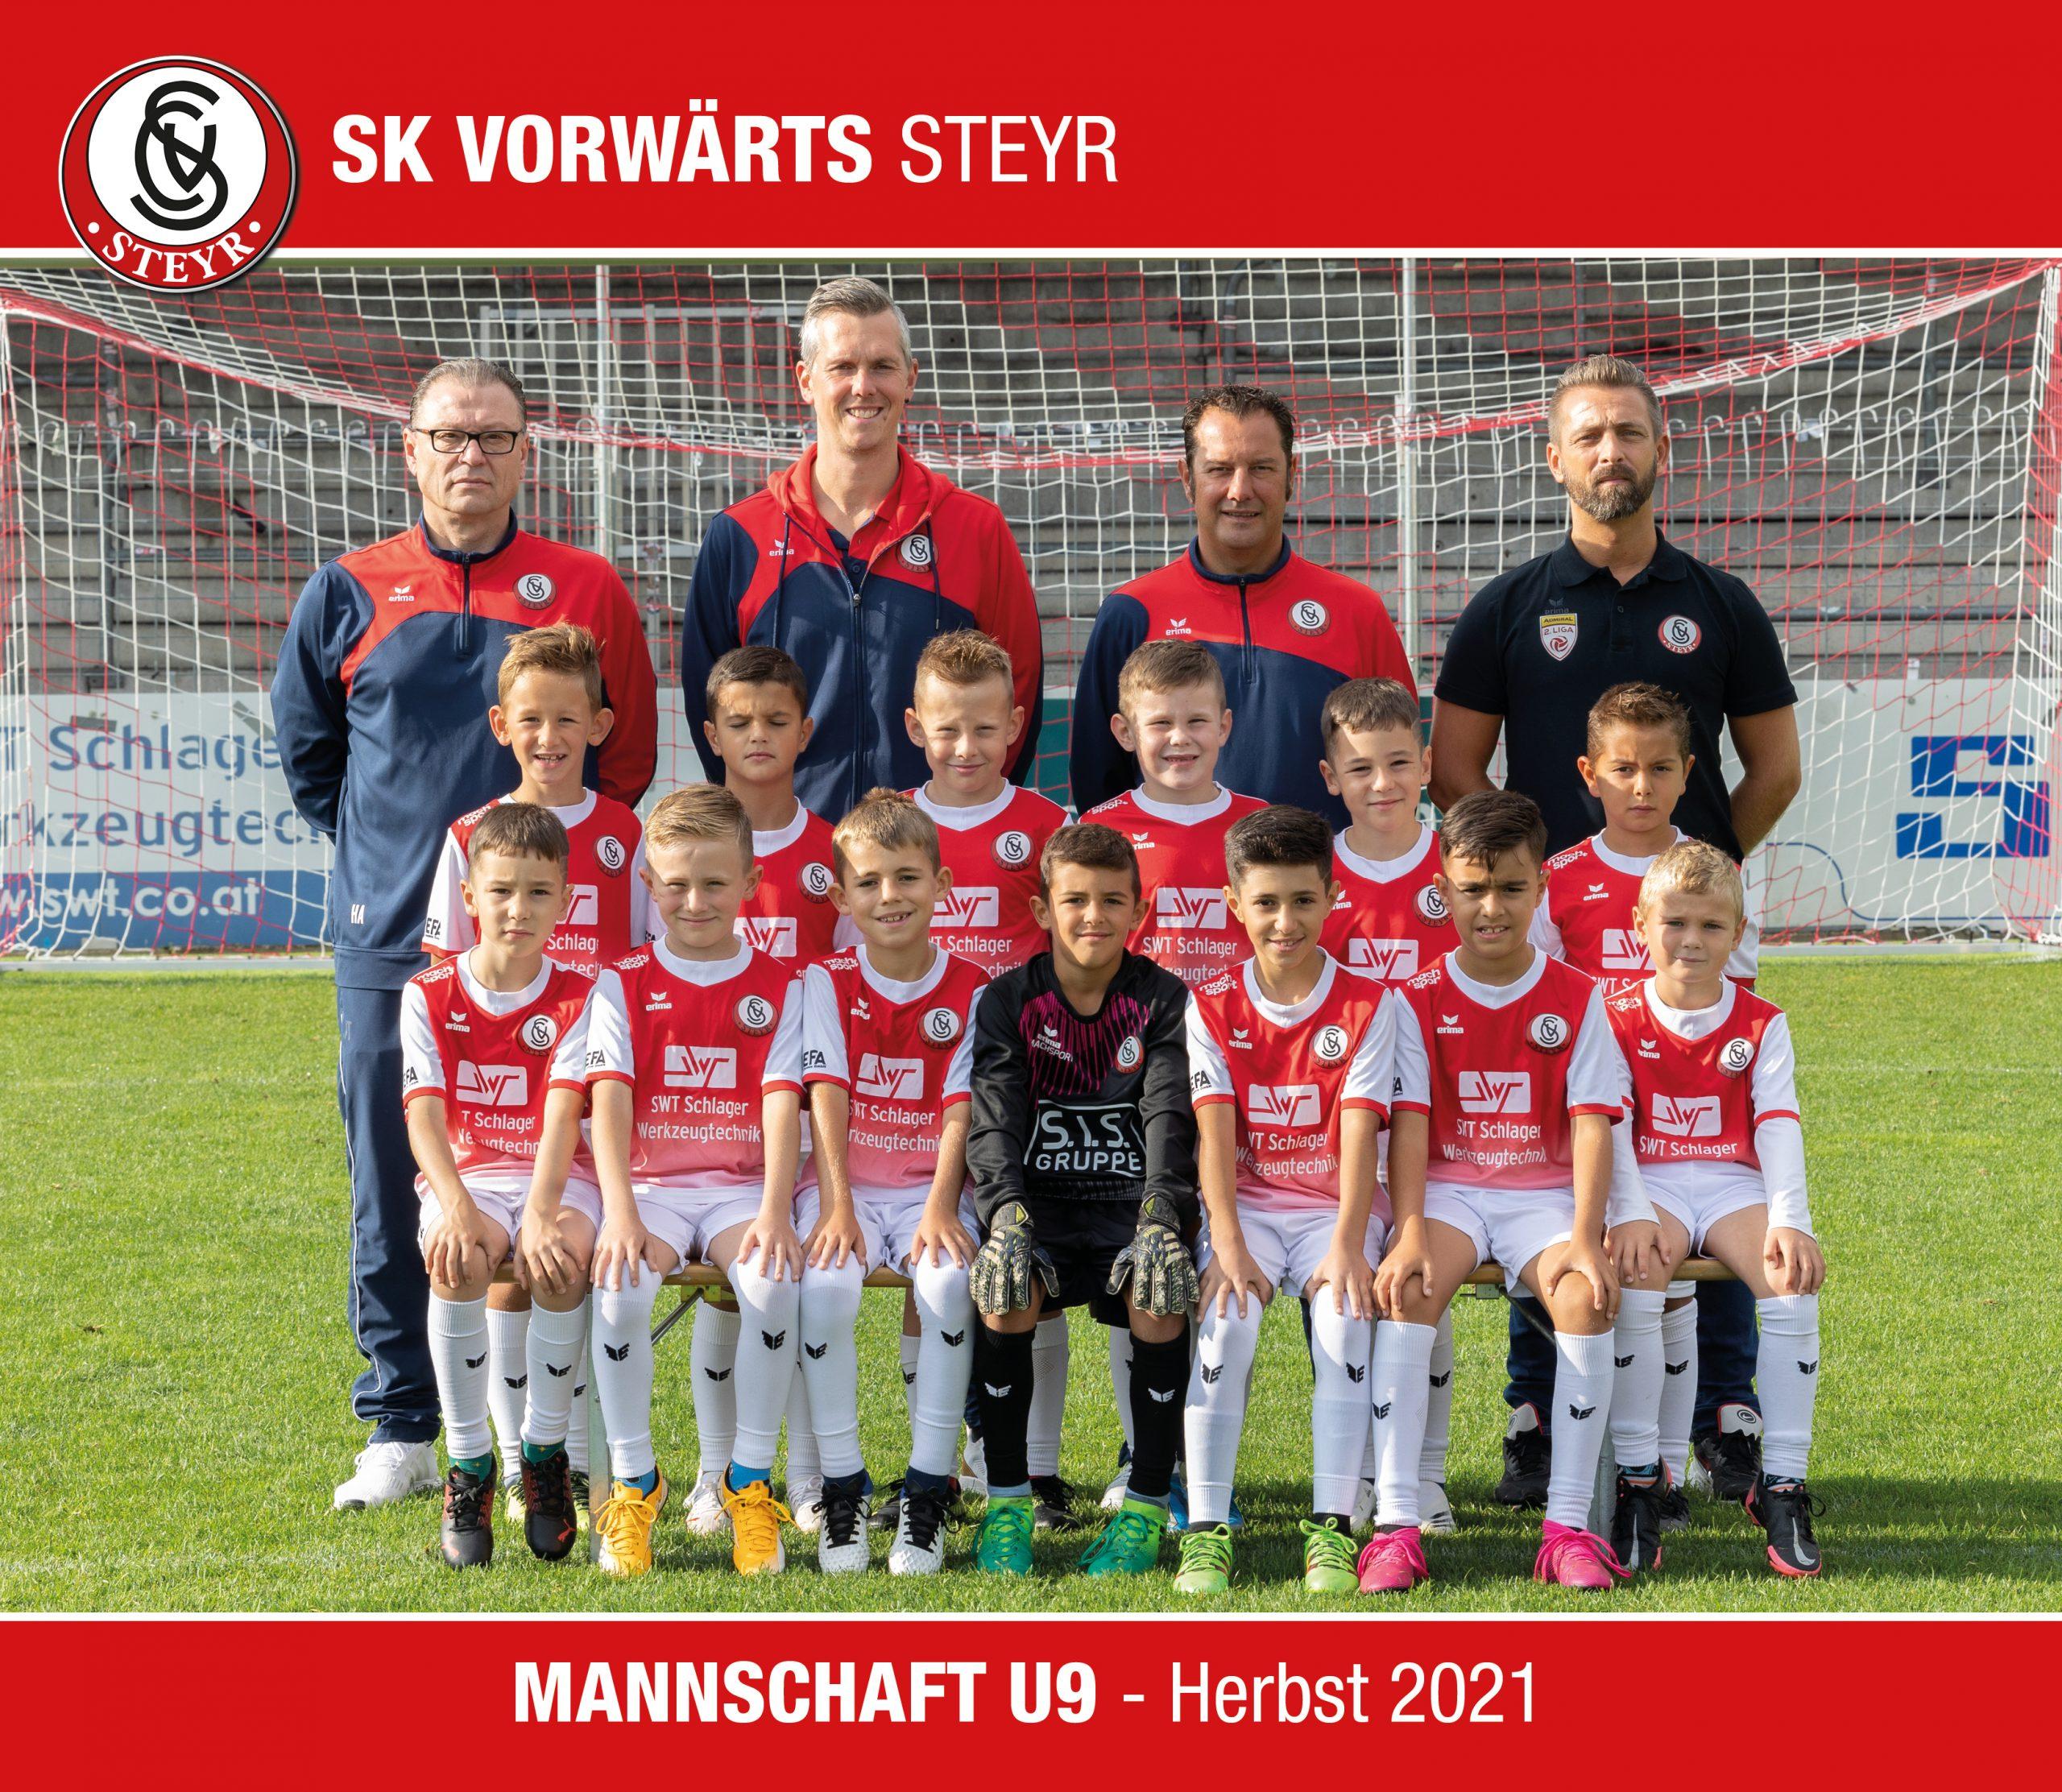 Mannschaftsfoto U8 - Herbst 2020